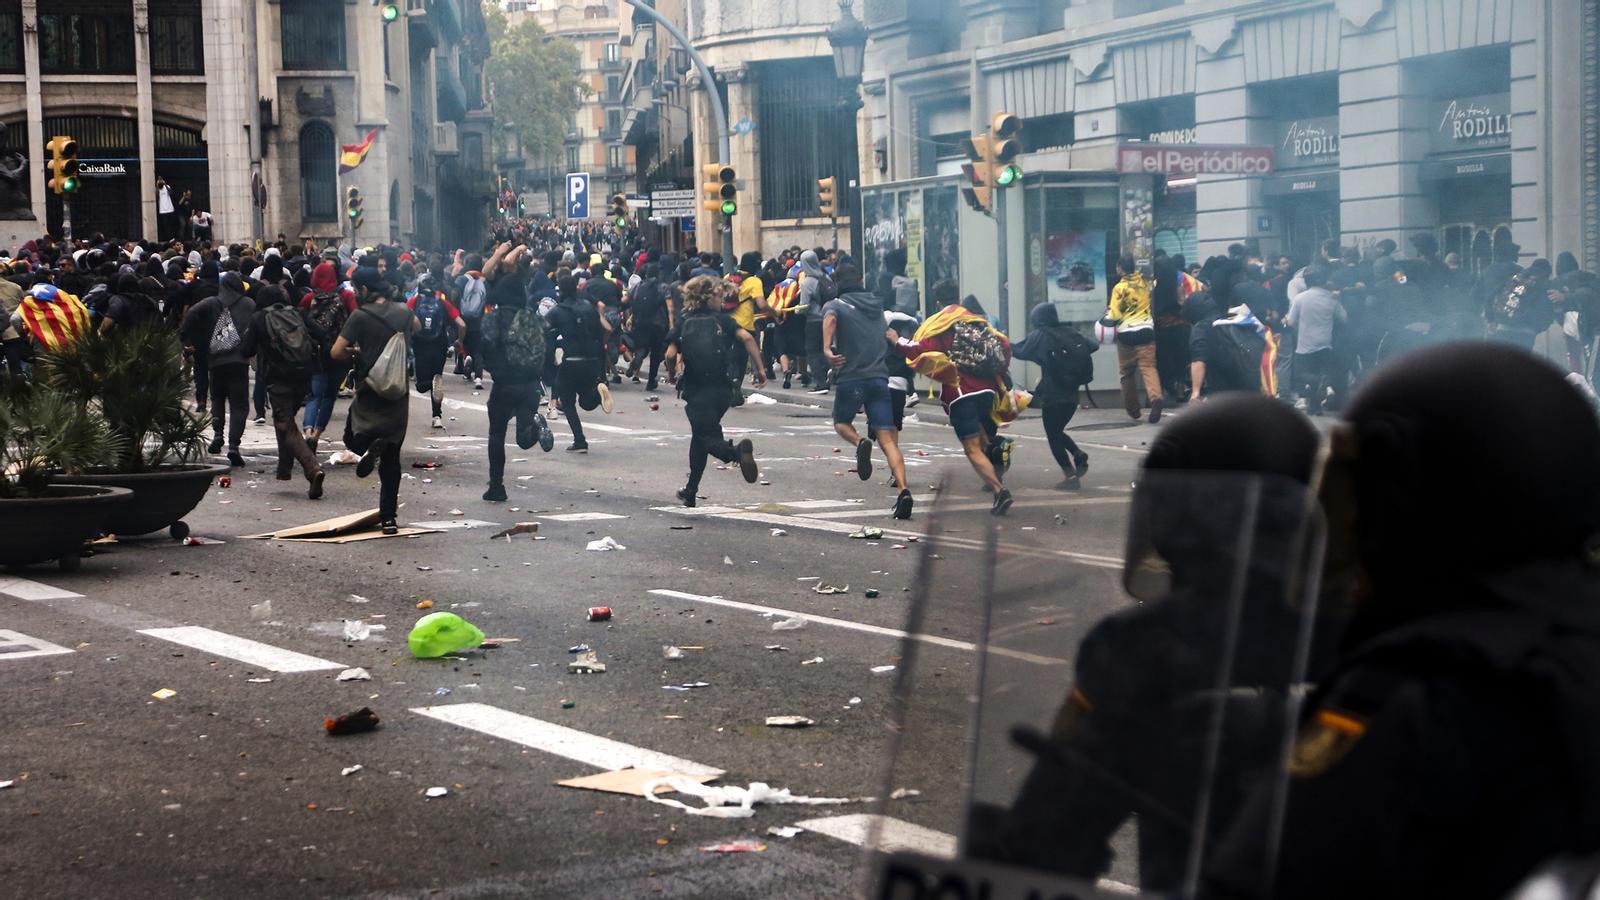 L'anàlisi d'Antoni Bassas: 'El triomf de la repressió'